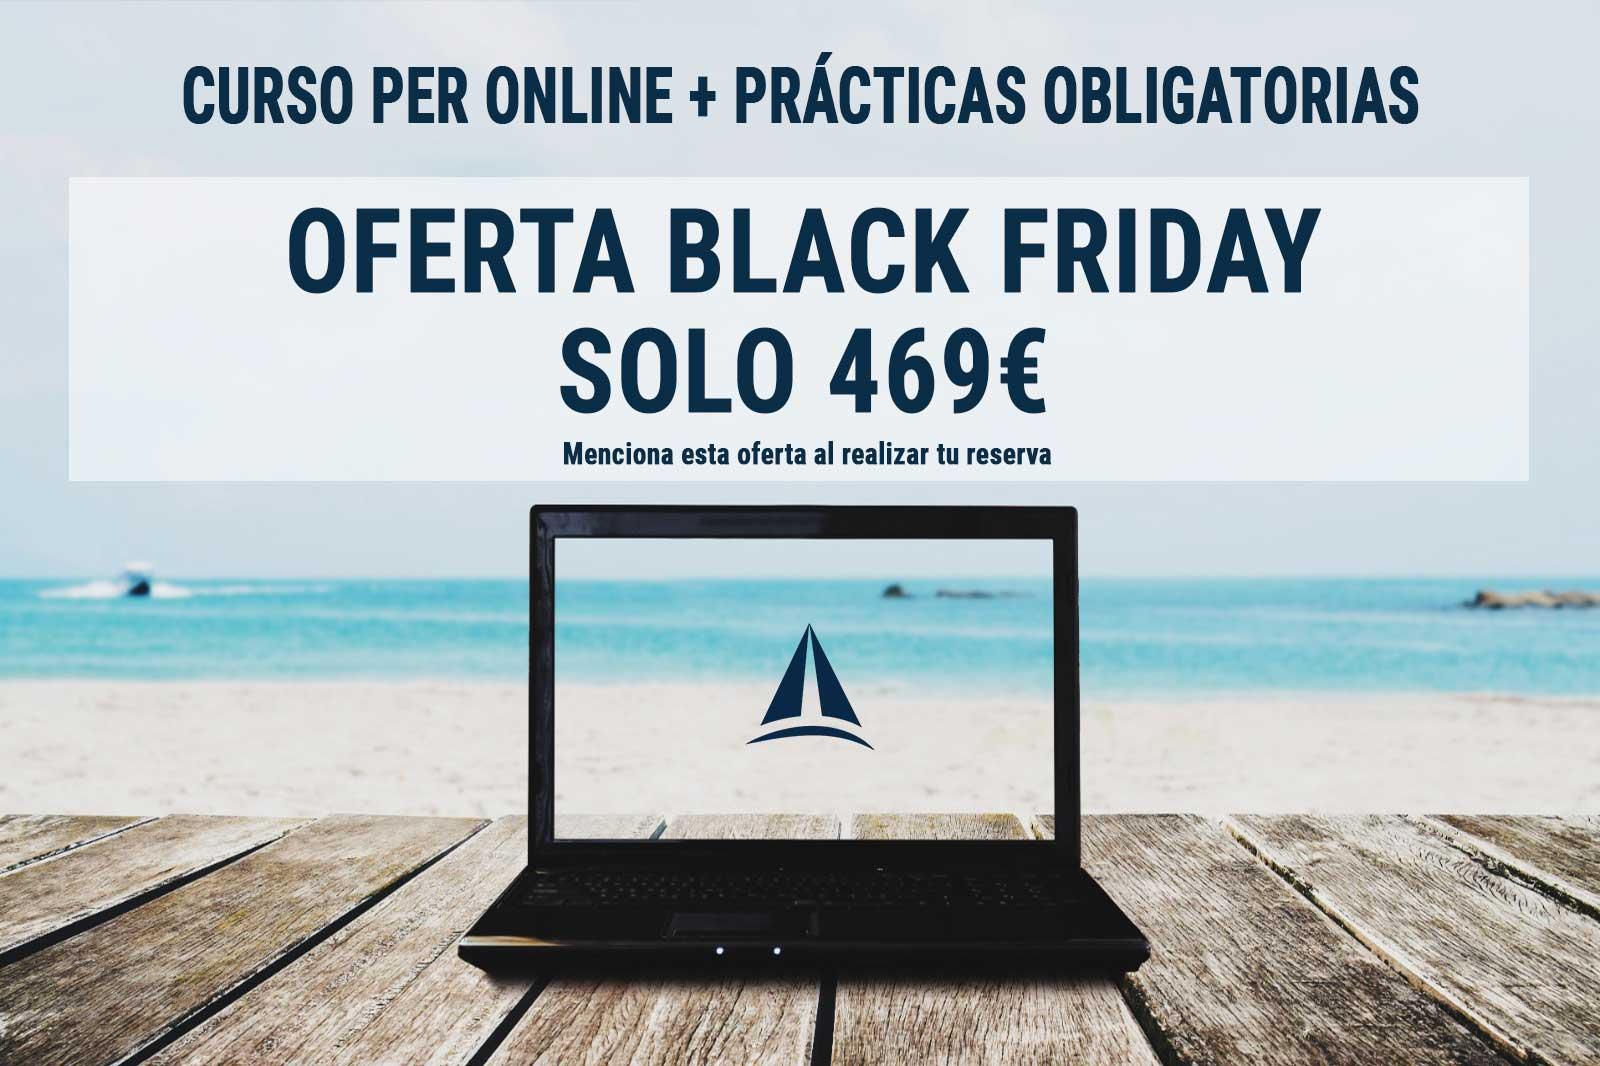 curso per online oferta black friday